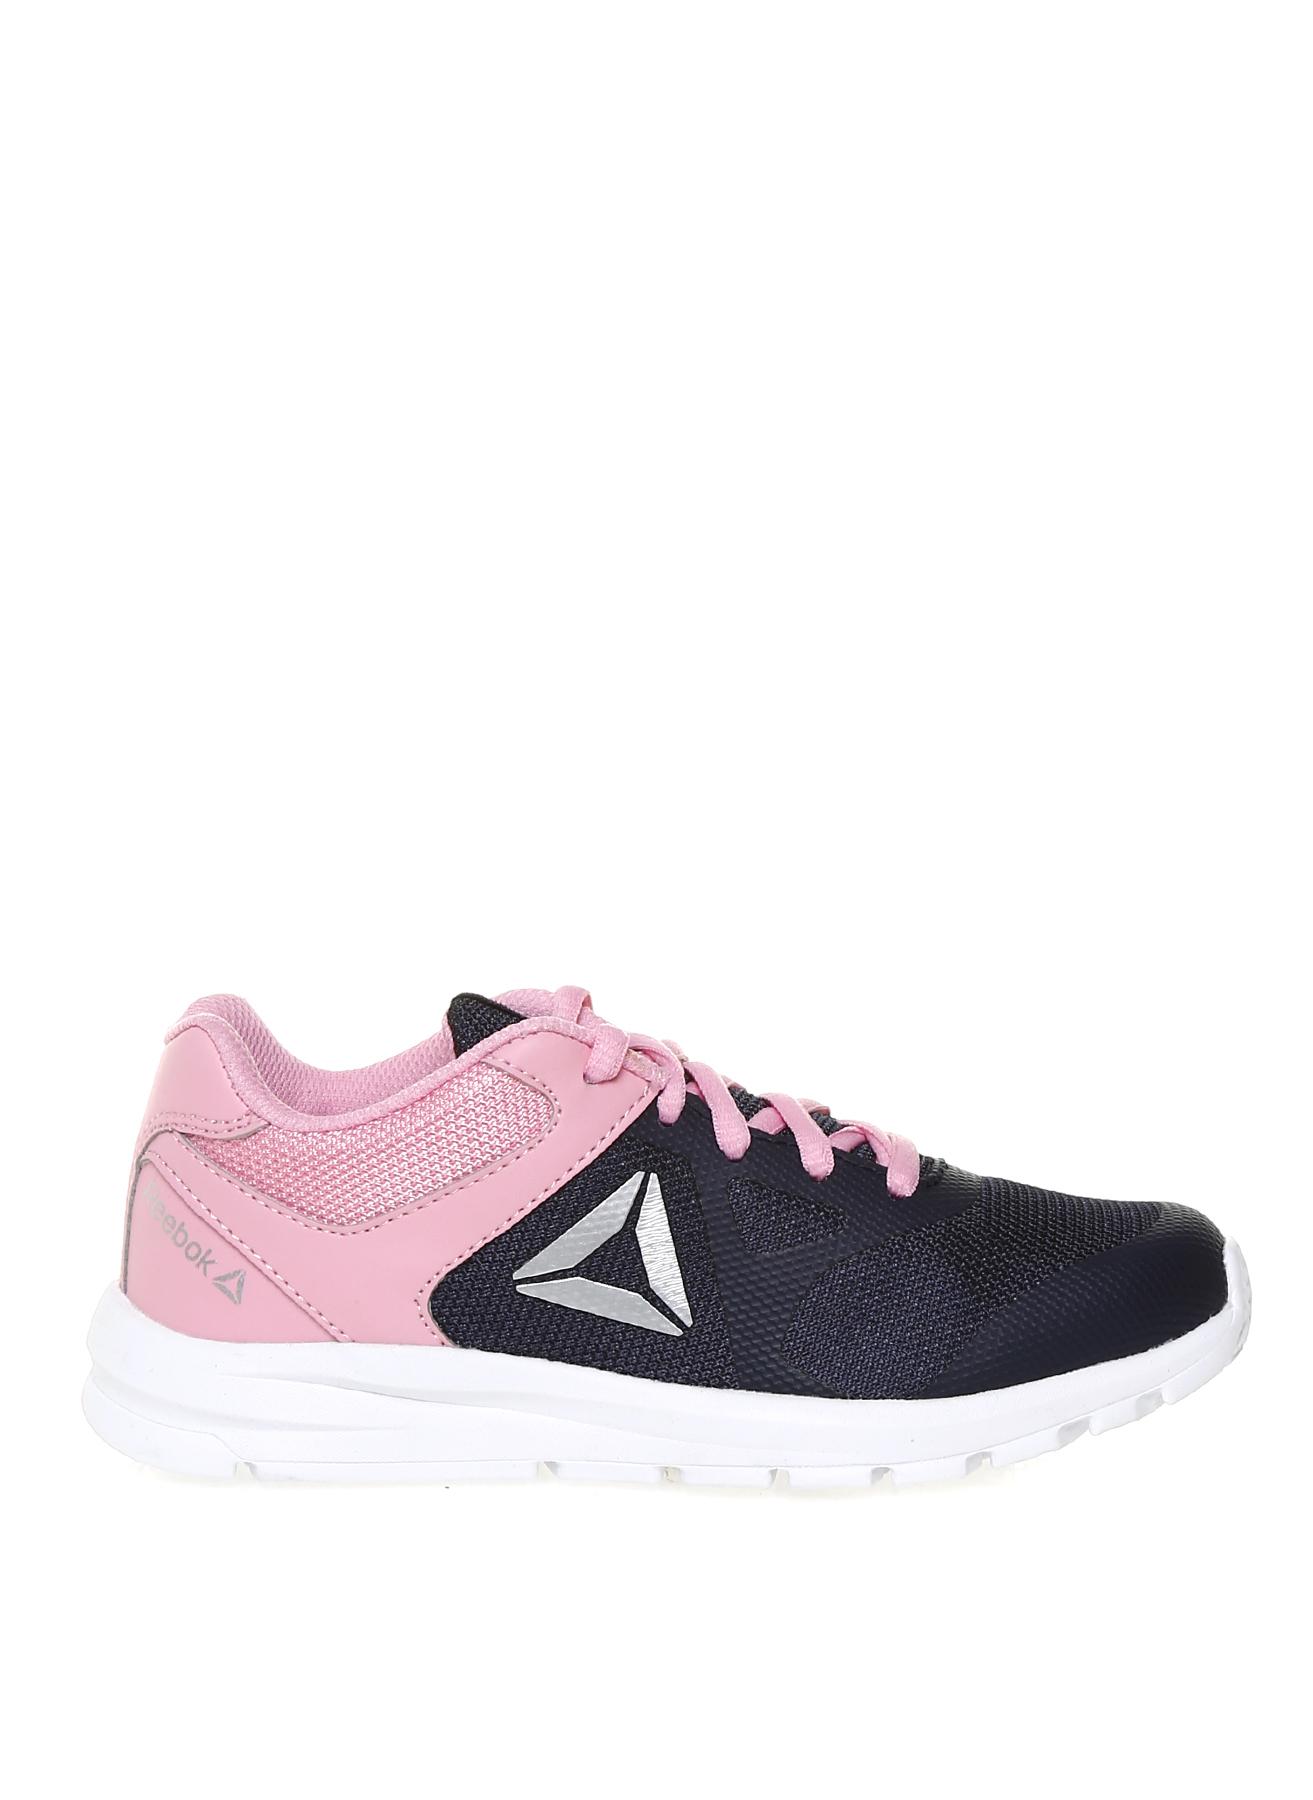 Reebok Koşu Ayakkabısı 38.5 5001700750008 Ürün Resmi